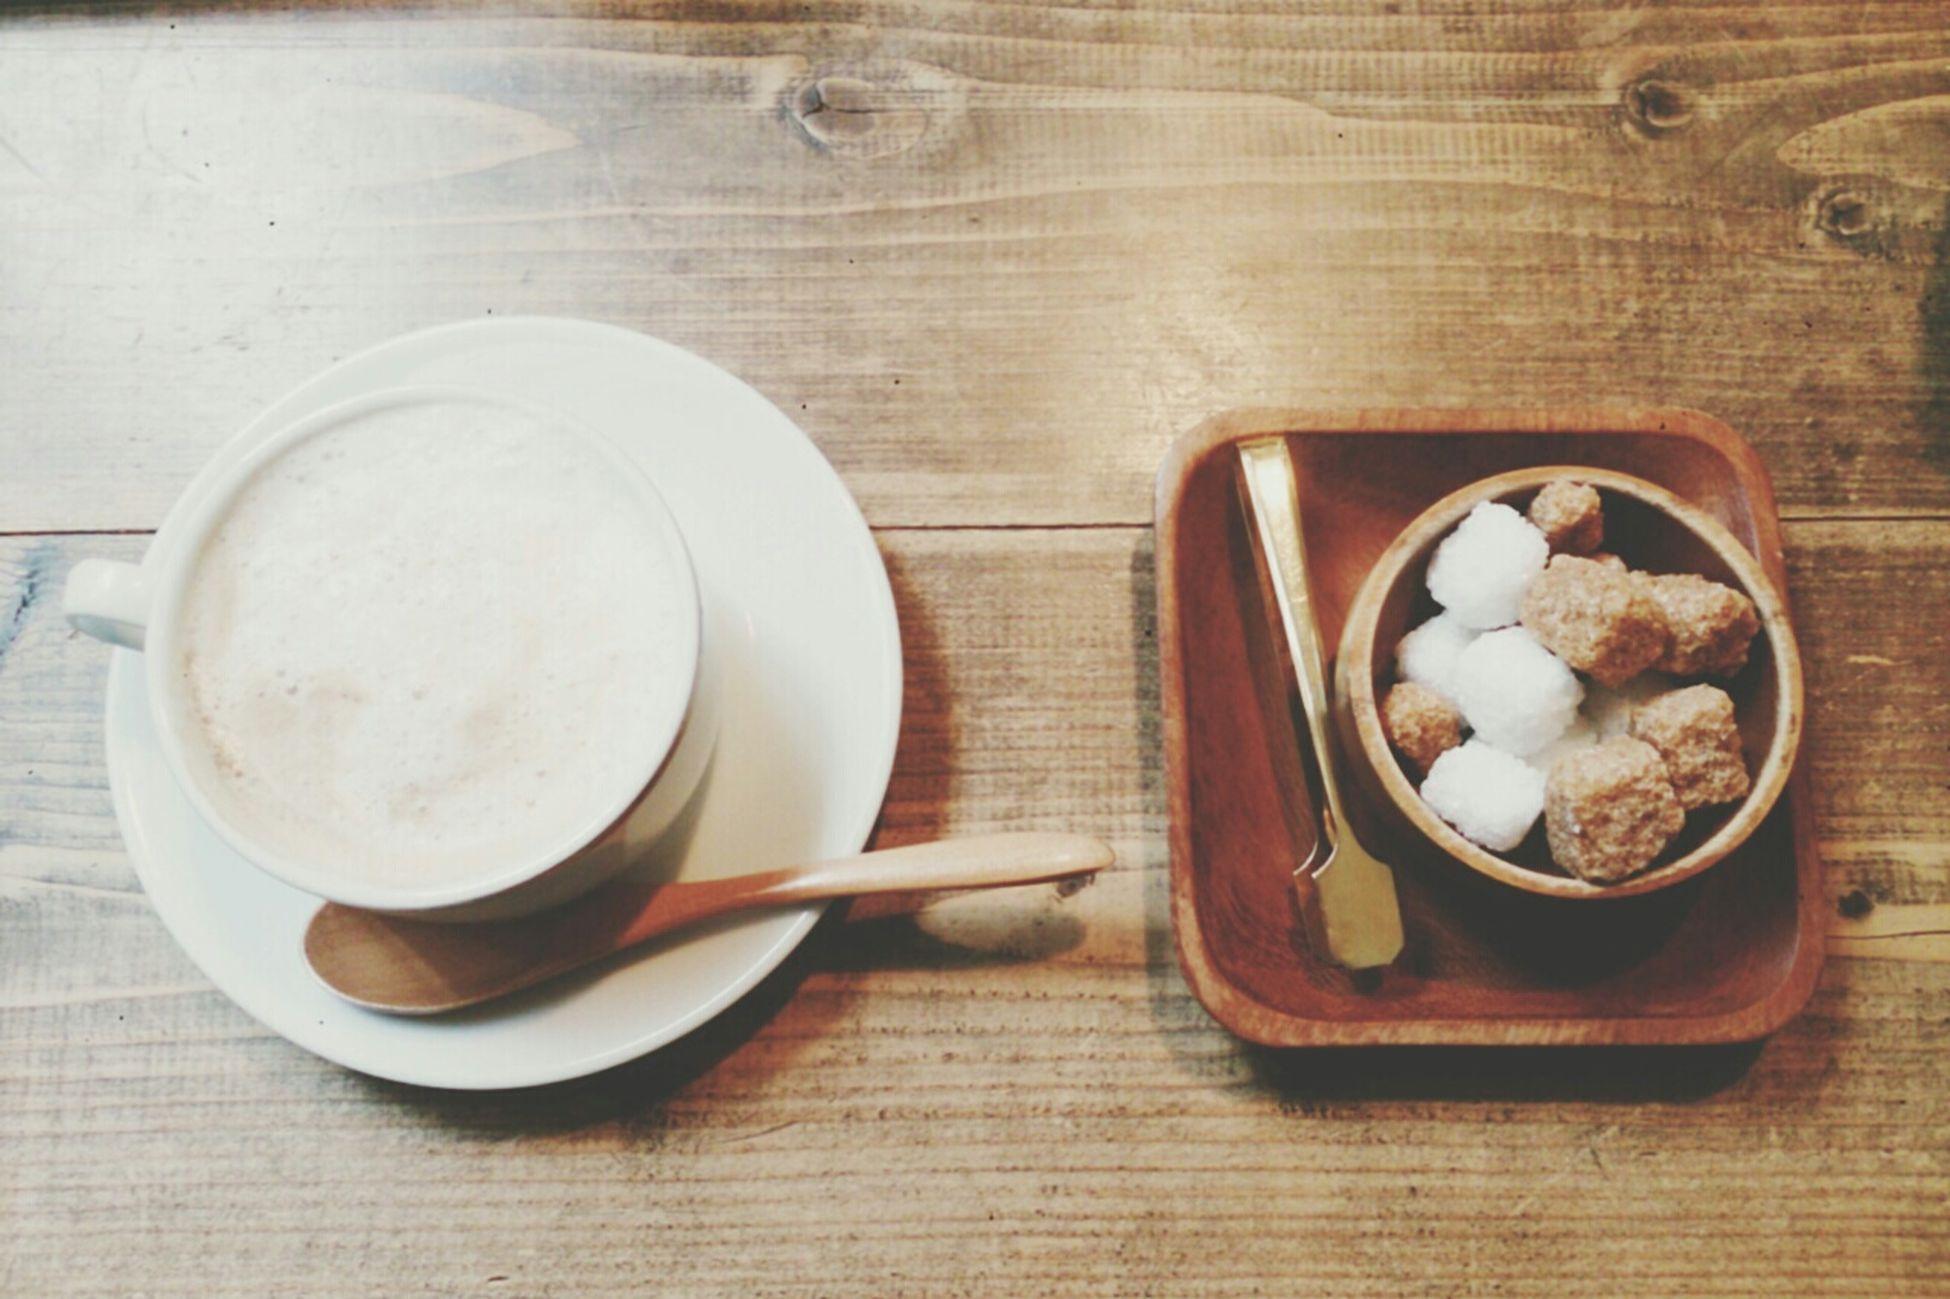 カフェ フエ° 福島駅 Cafe Fouet° カフェオレ お砂糖 Cafe Au Lait